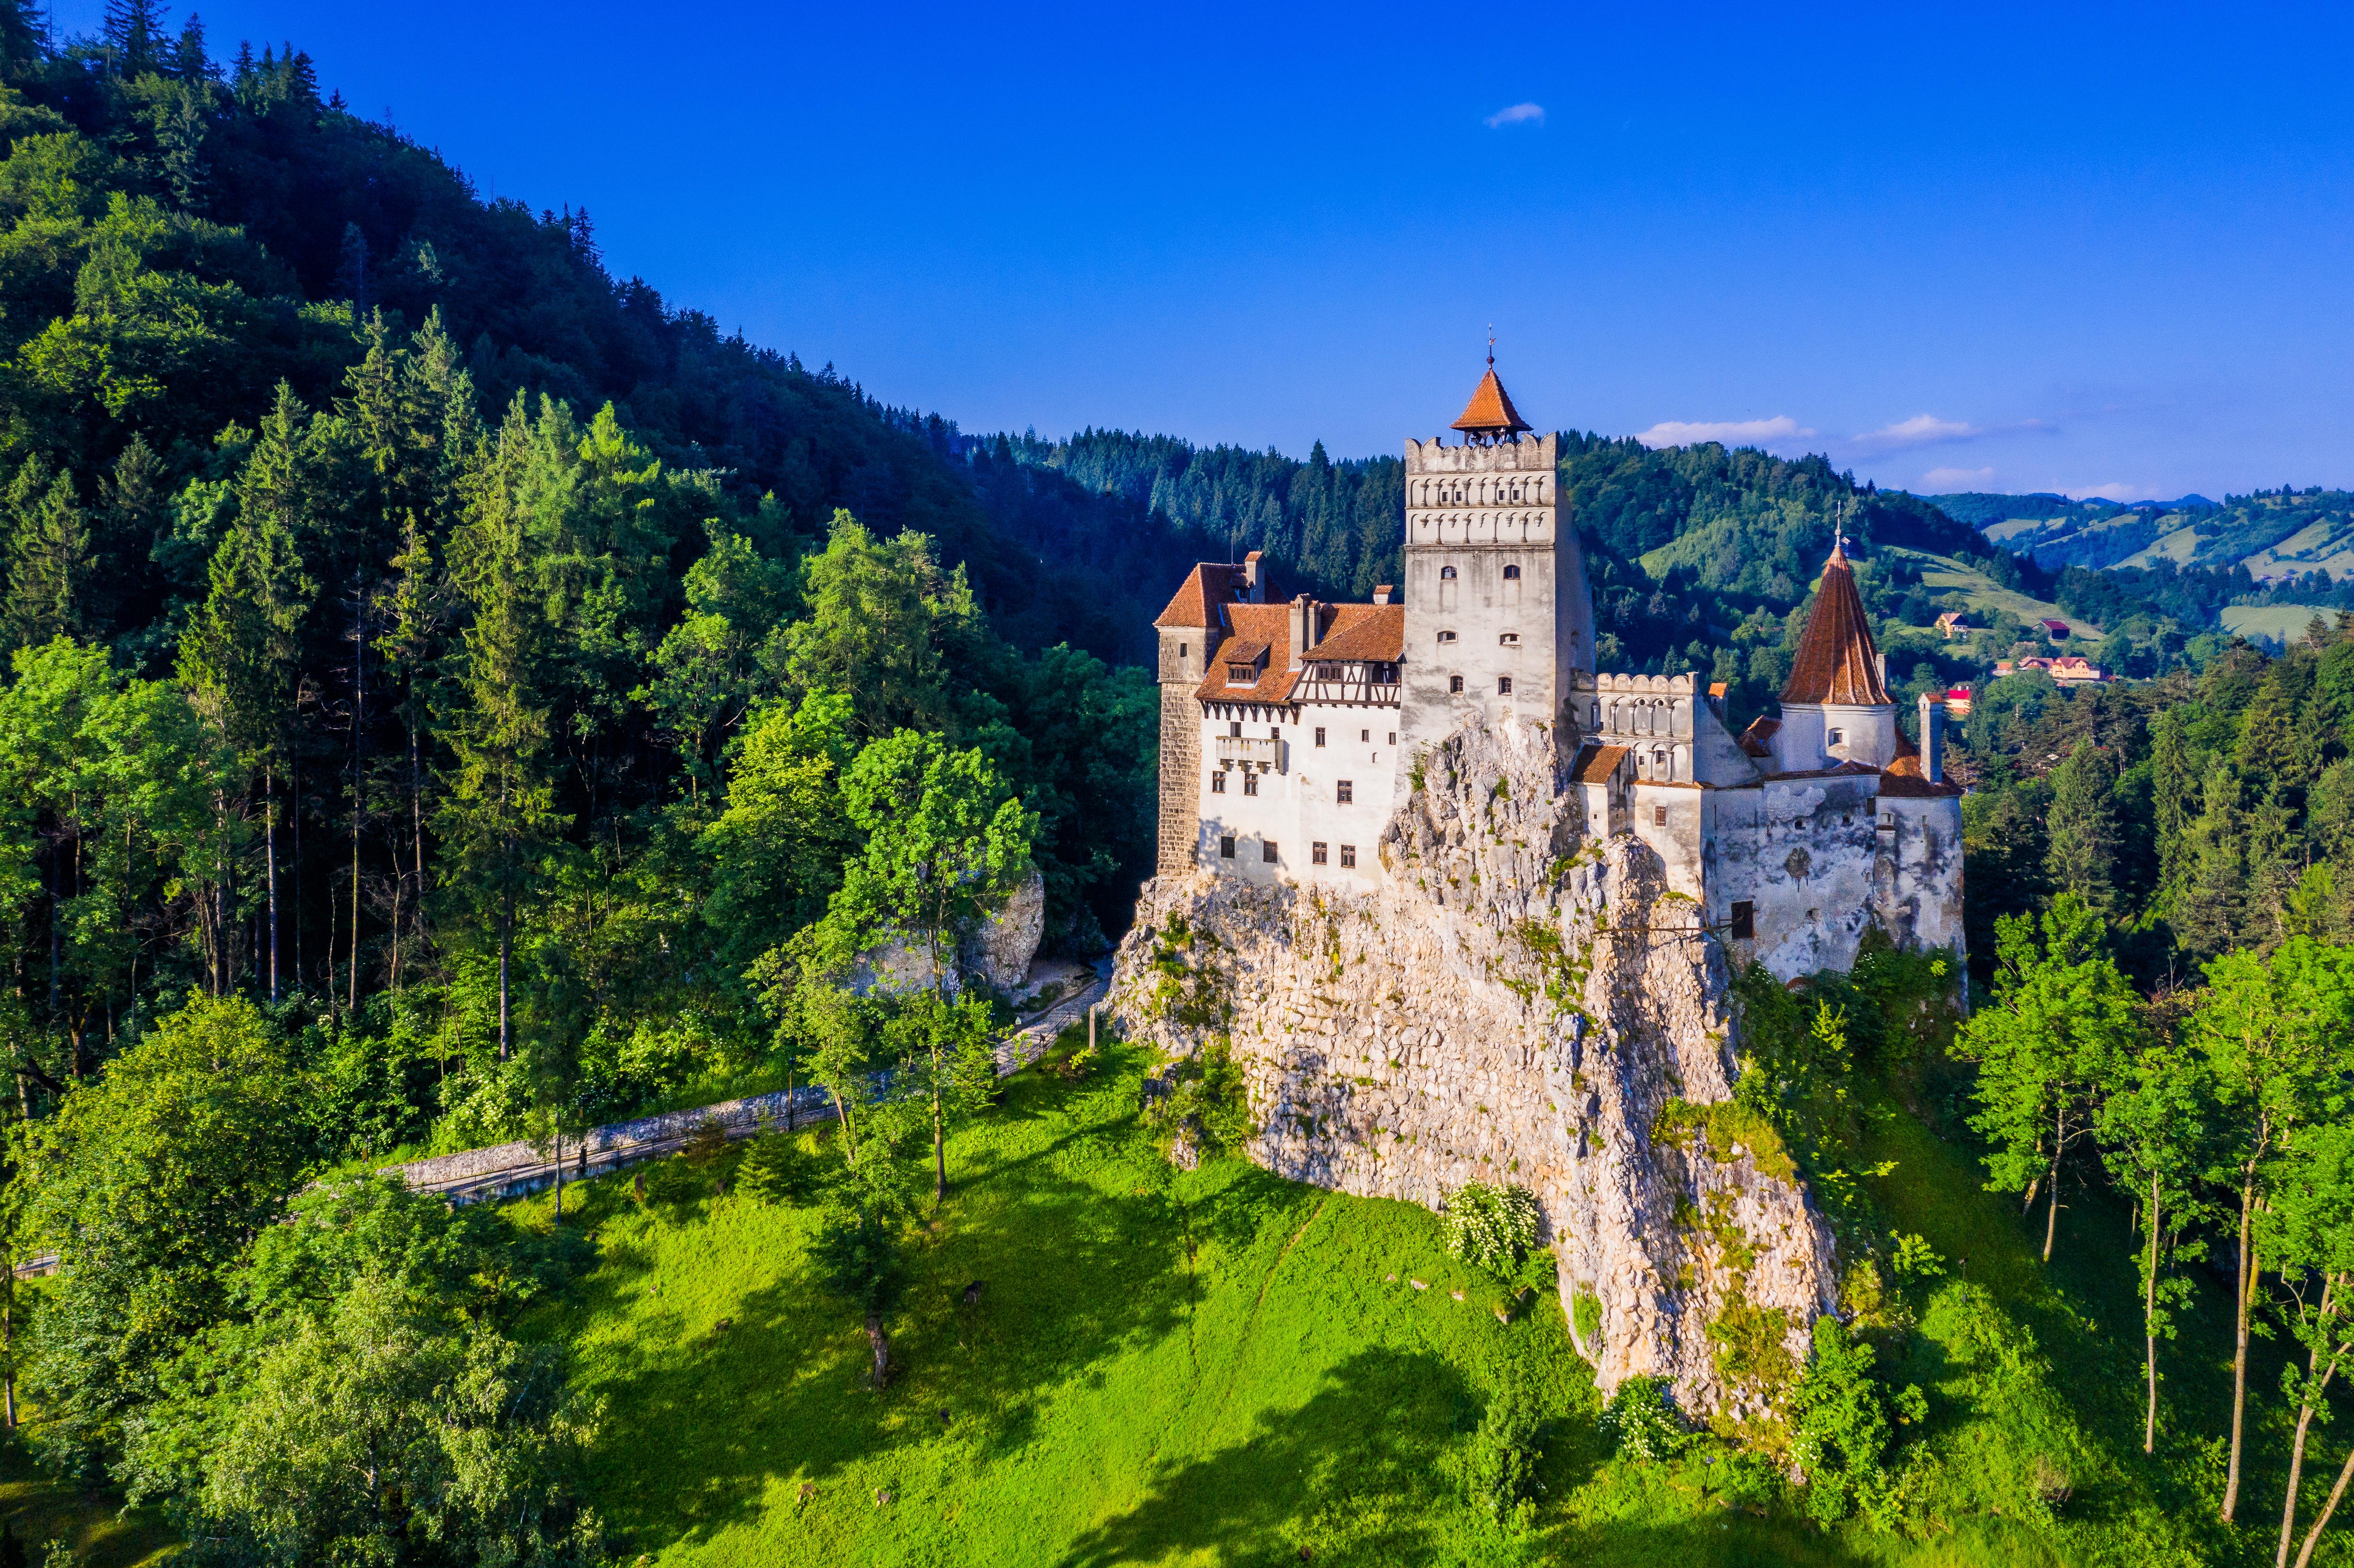 Замок в стране, куда хочется поехать на ВНЖ и получить румынскую натурализацию